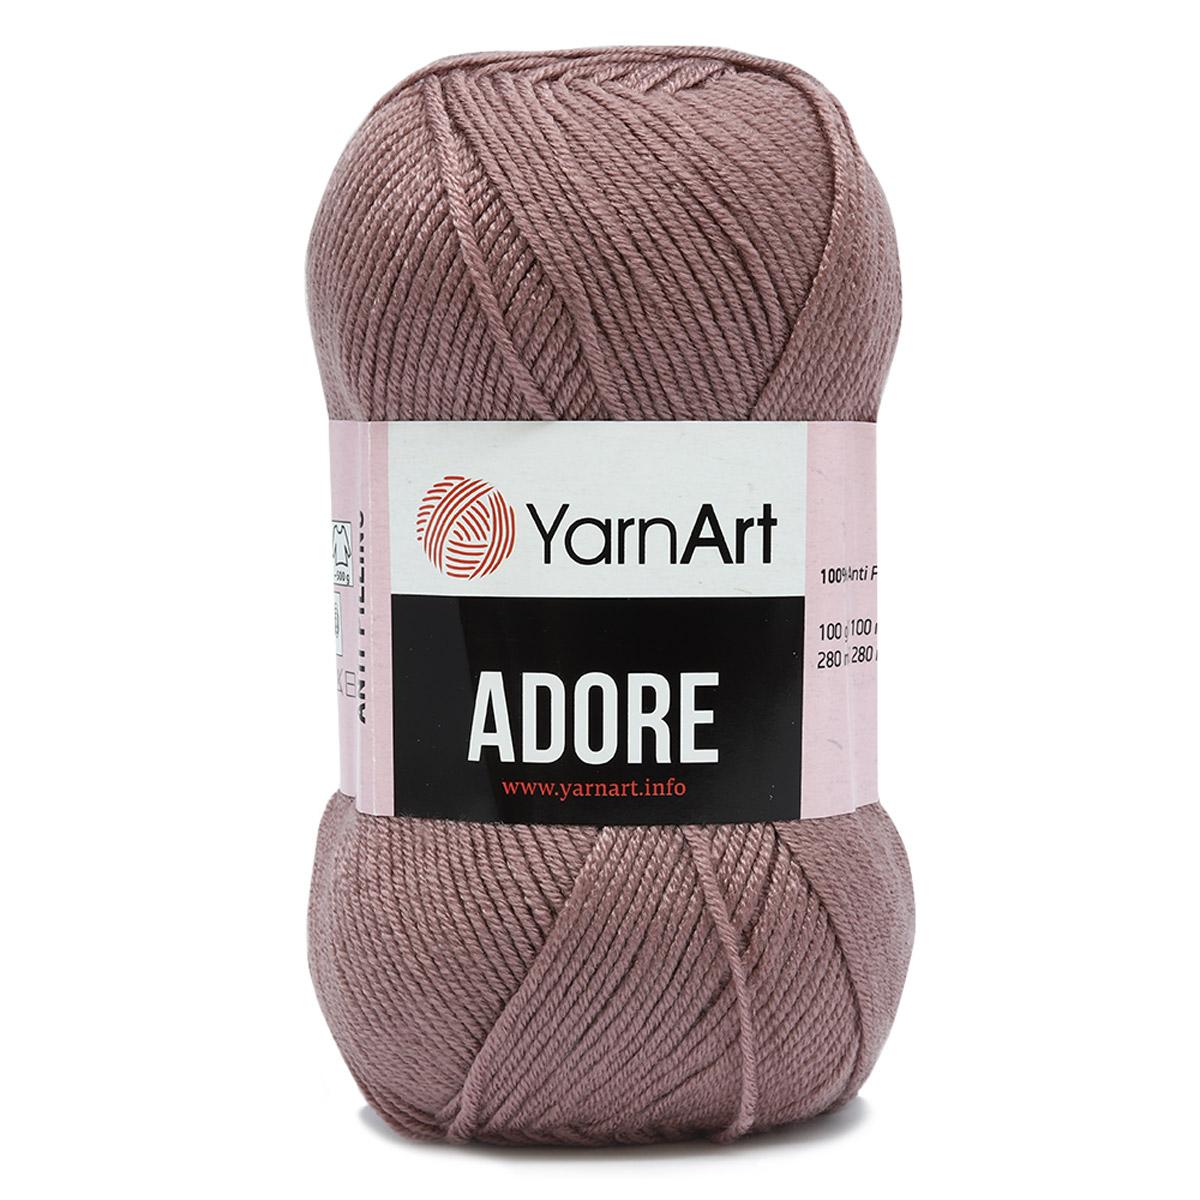 Пряжа YarnArt 'Adore' 100гр 280м (100% акрил с эффектом анти-пиллинга)